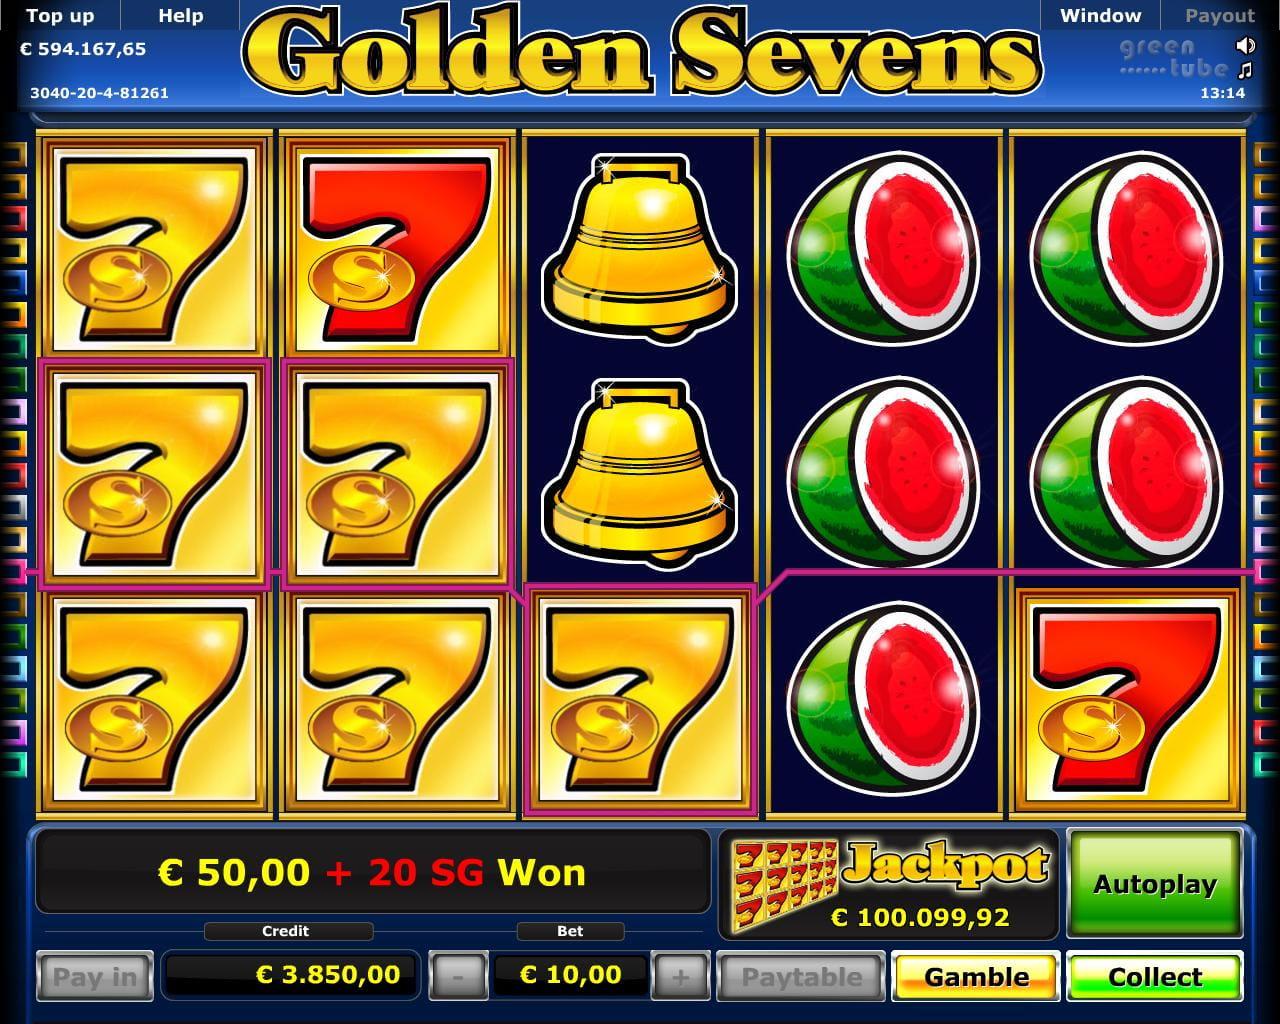 Обман ігровими автоматами в казино Казино і клуб, Москва